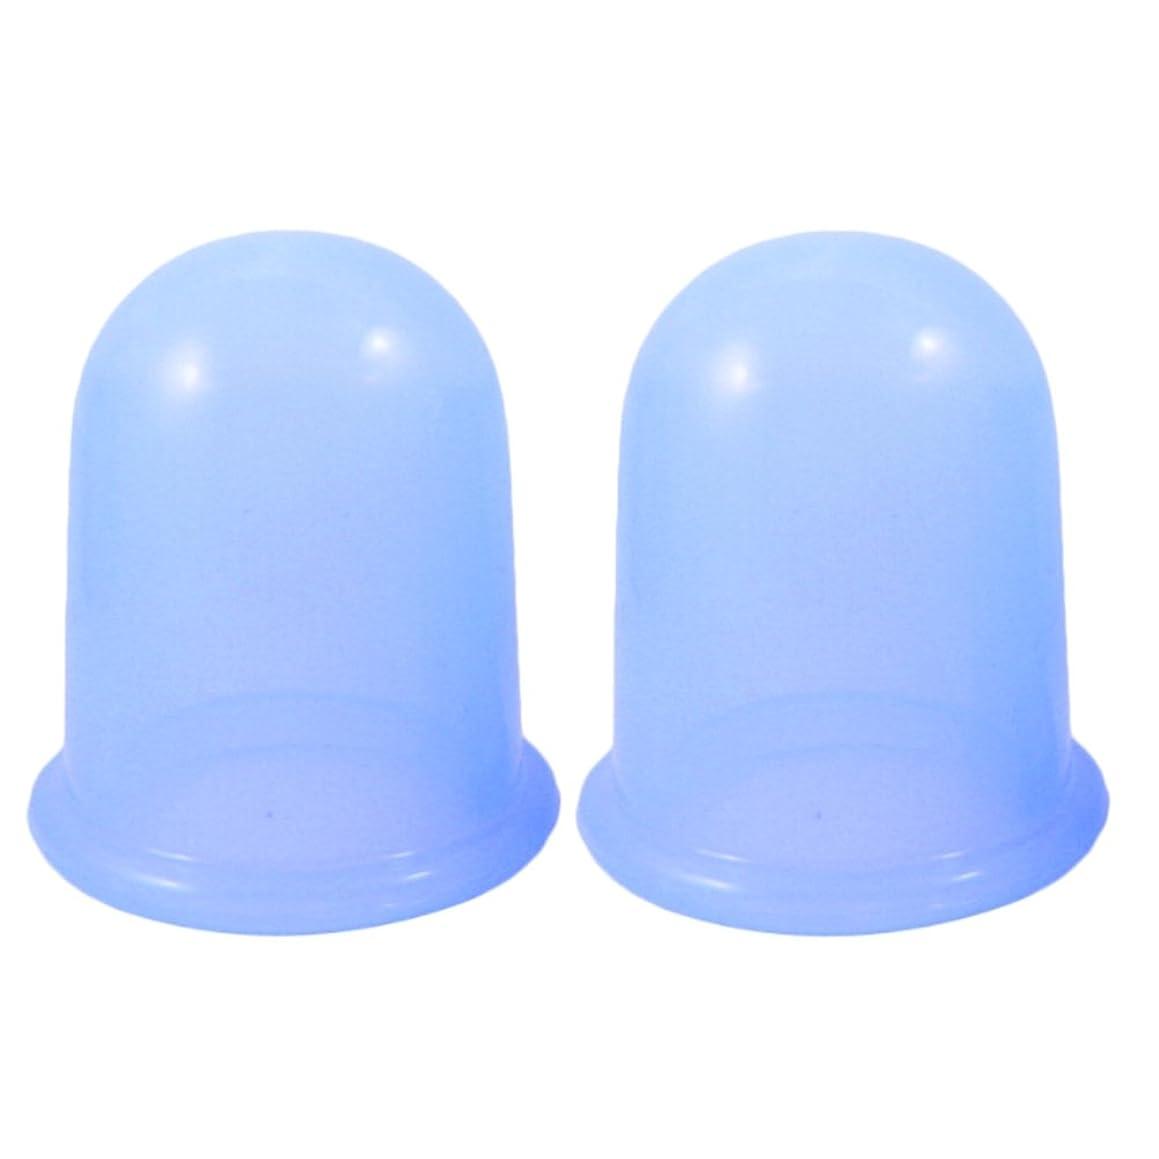 対処する余暇さておきB-PING シリコンカッピング 吸い玉 2点セット いつでも清潔に使用可能 デトックス ダイエット 腰痛 肩こり ツボ押し マッサージ 脂肪吸引 血流促進 自宅エステ 吸引エステ  (ブルー)